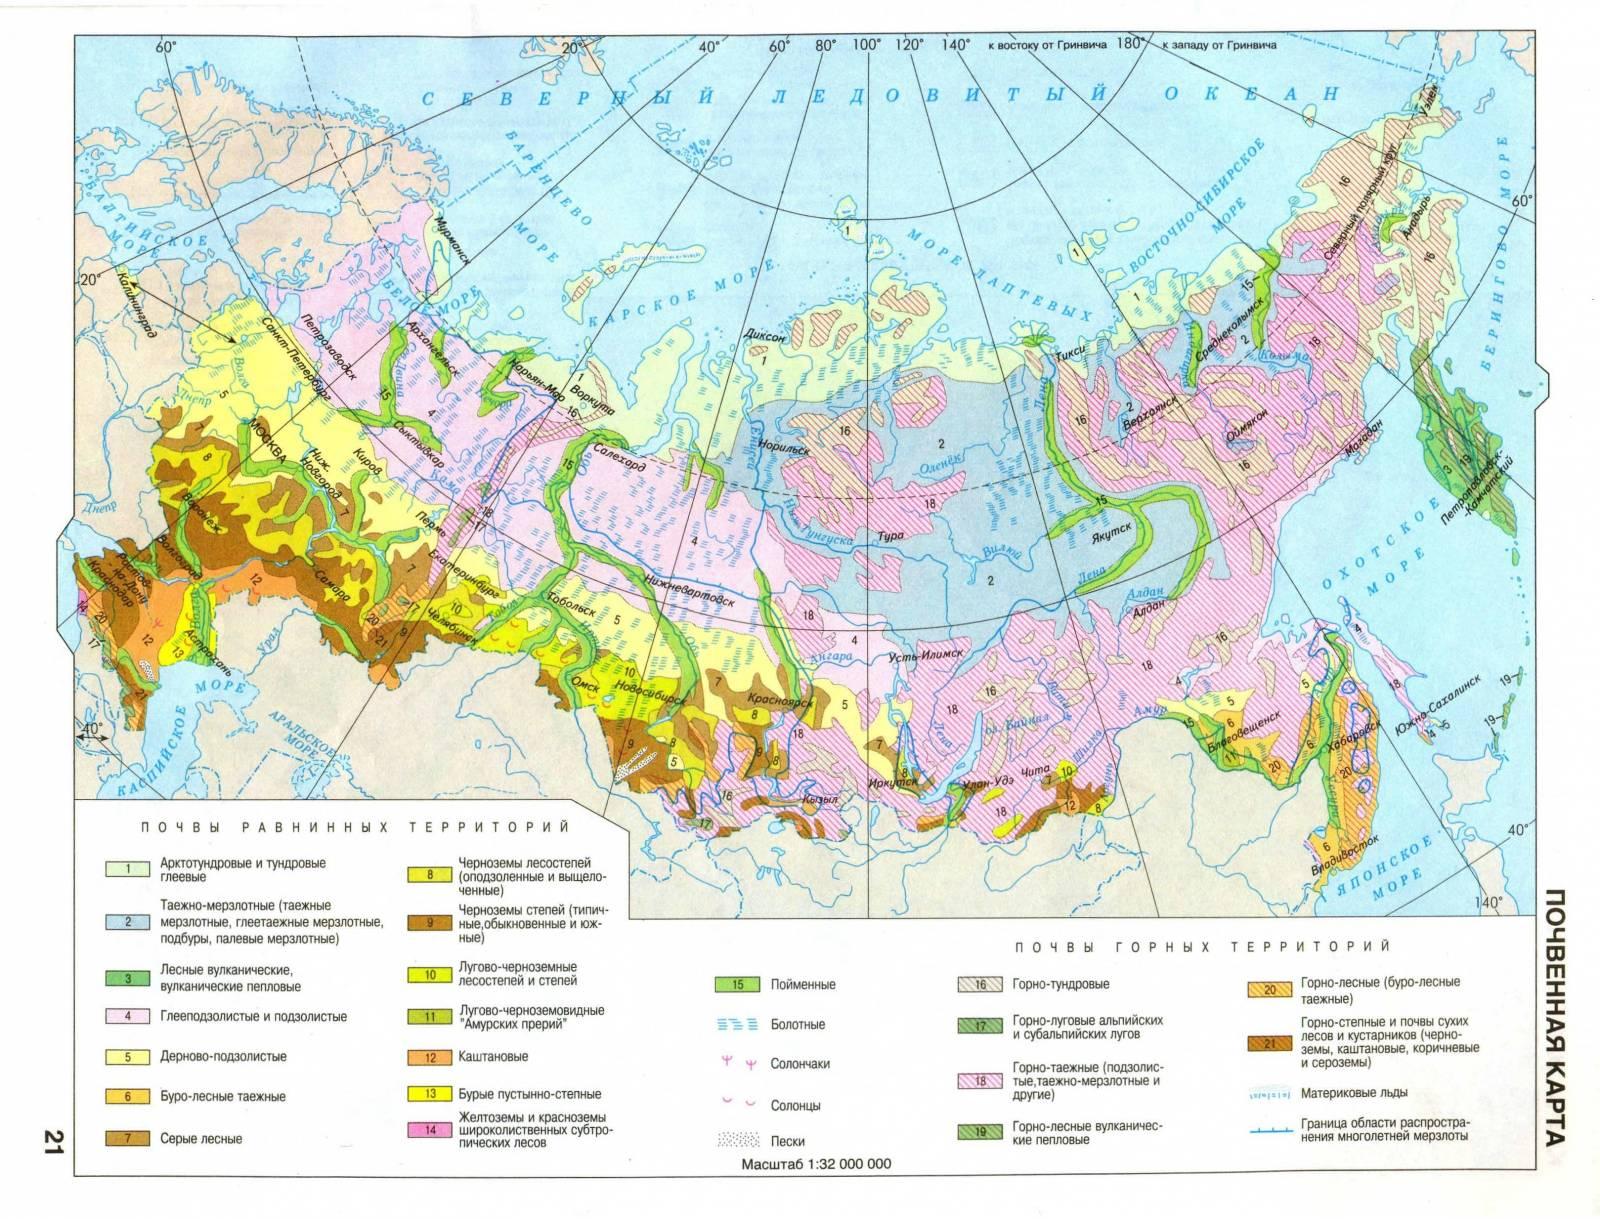 сколько процентов территории сибири занимает многолетняя мерзлота